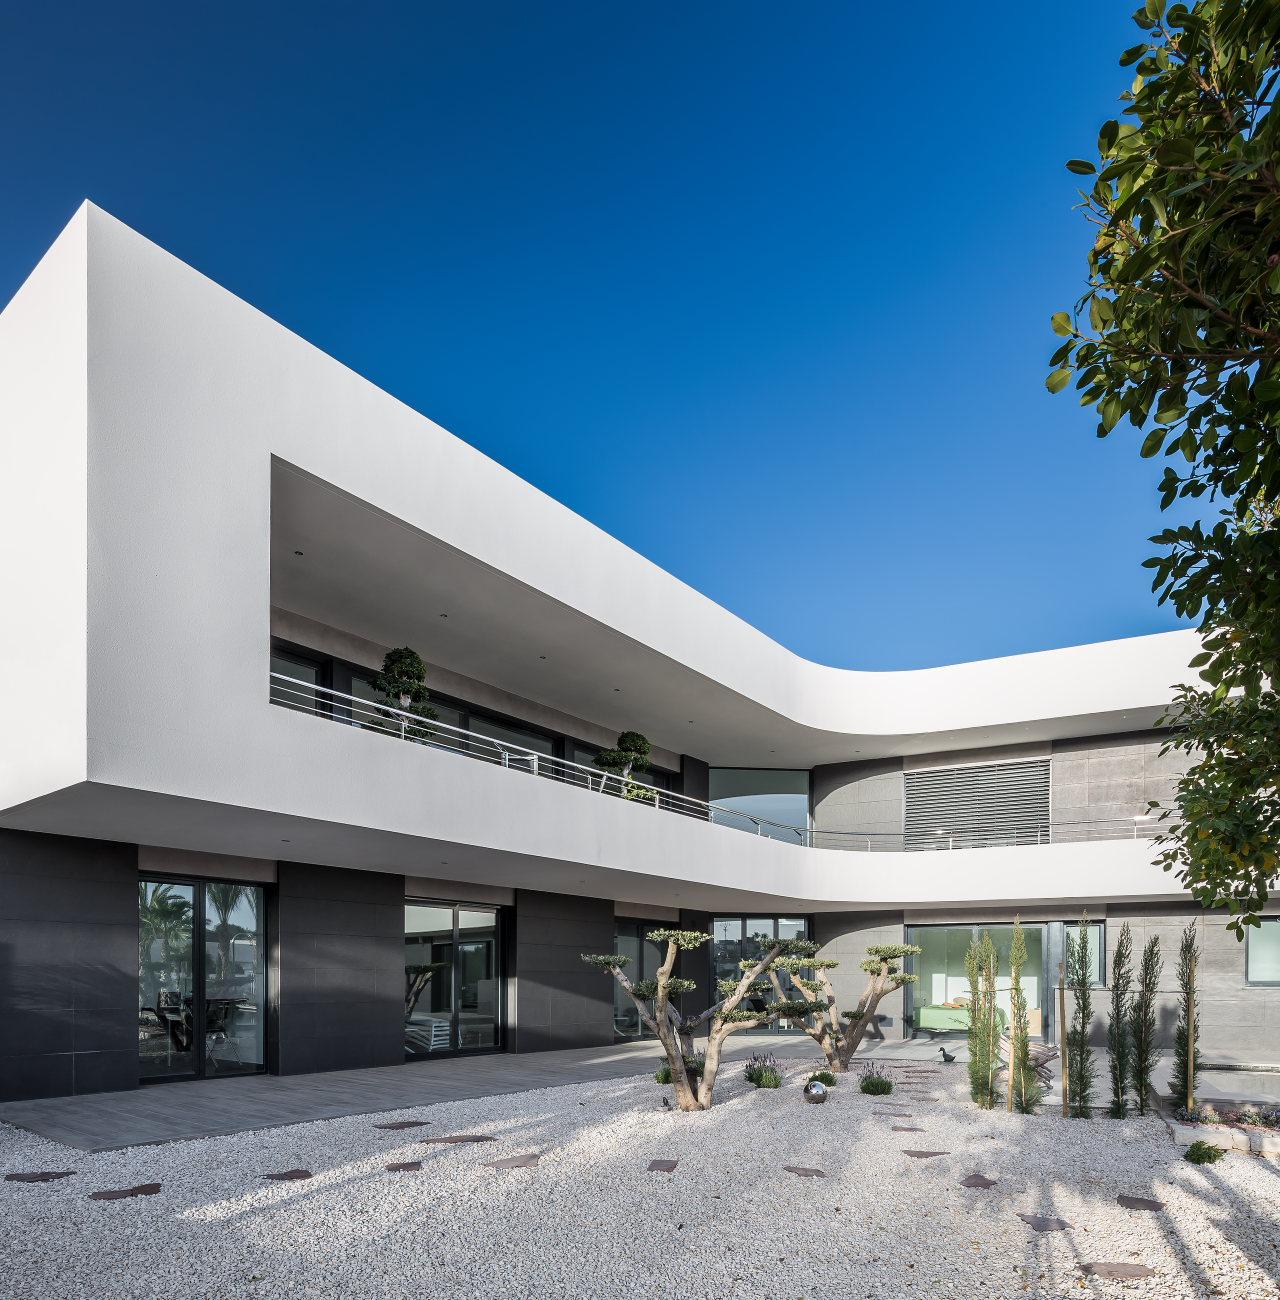 fotografia-arquitectura-valencia-alicante-moraira-german-cabo-pascual-giner (9)